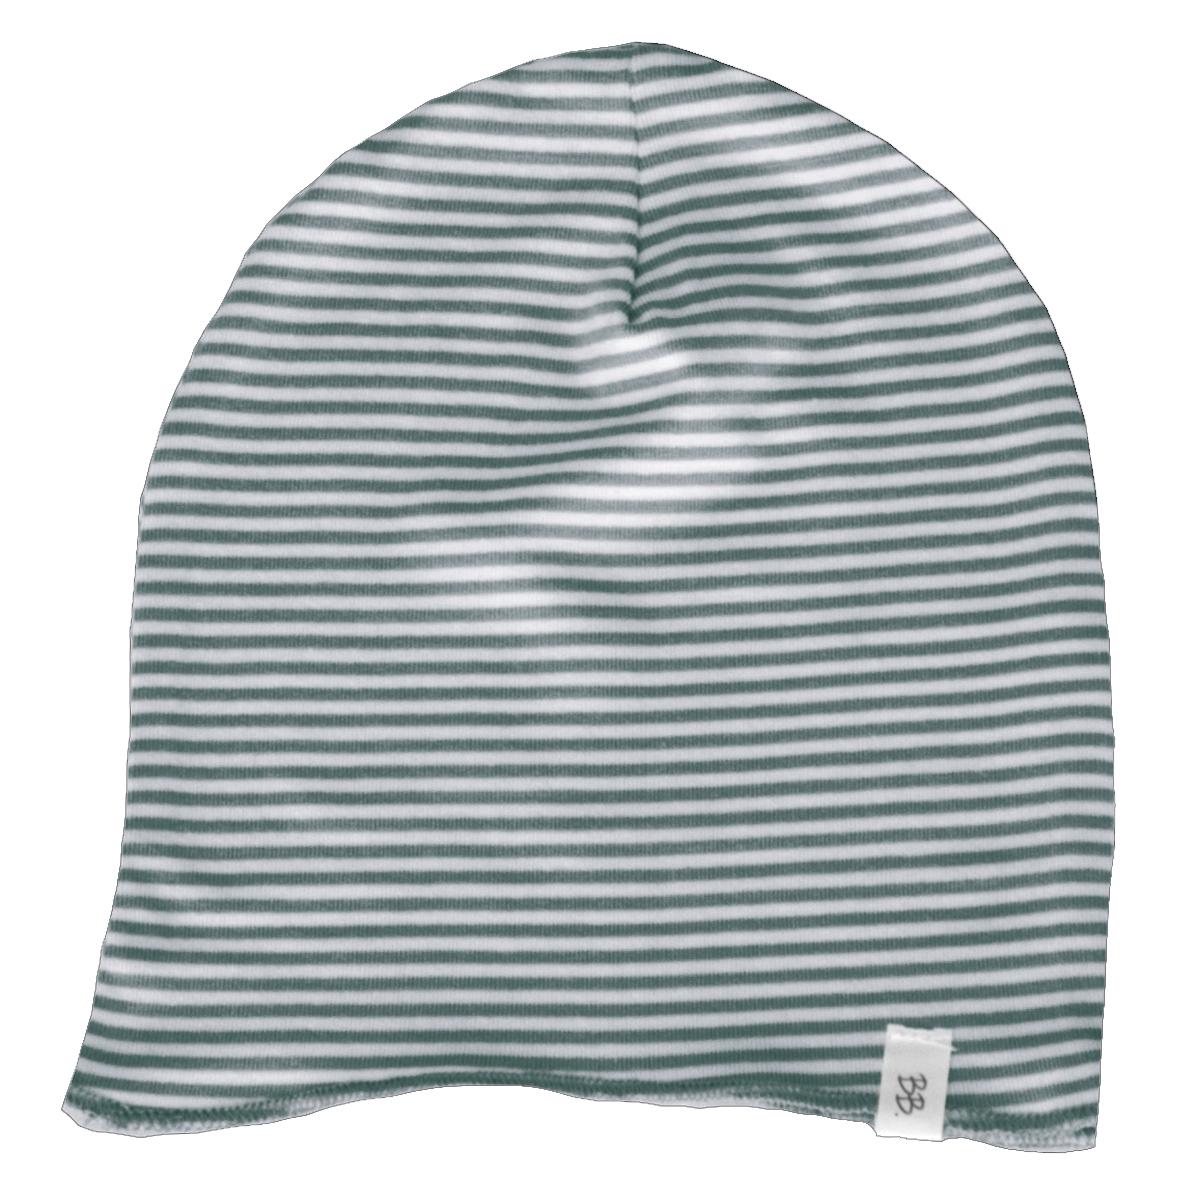 Accessoires bébé Bonnet de Naissance Milleraies Vert - Taille S Bonnet de Naissance Milleraies Vert - Taille S